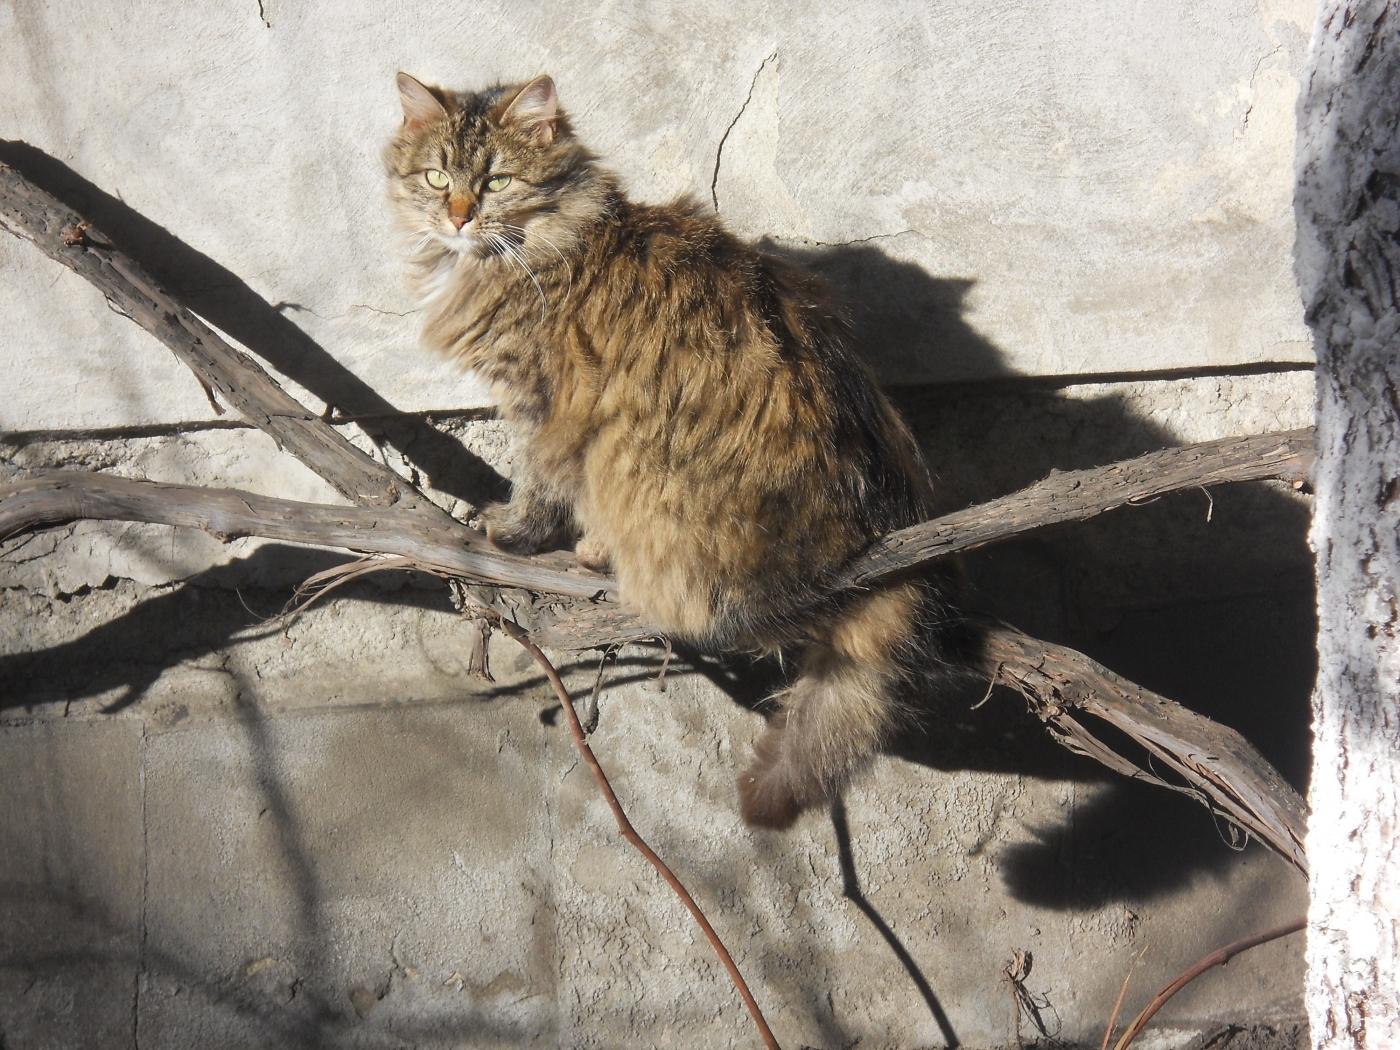 24353 скачать обои Животные, Кошки (Коты, Котики) - заставки и картинки бесплатно